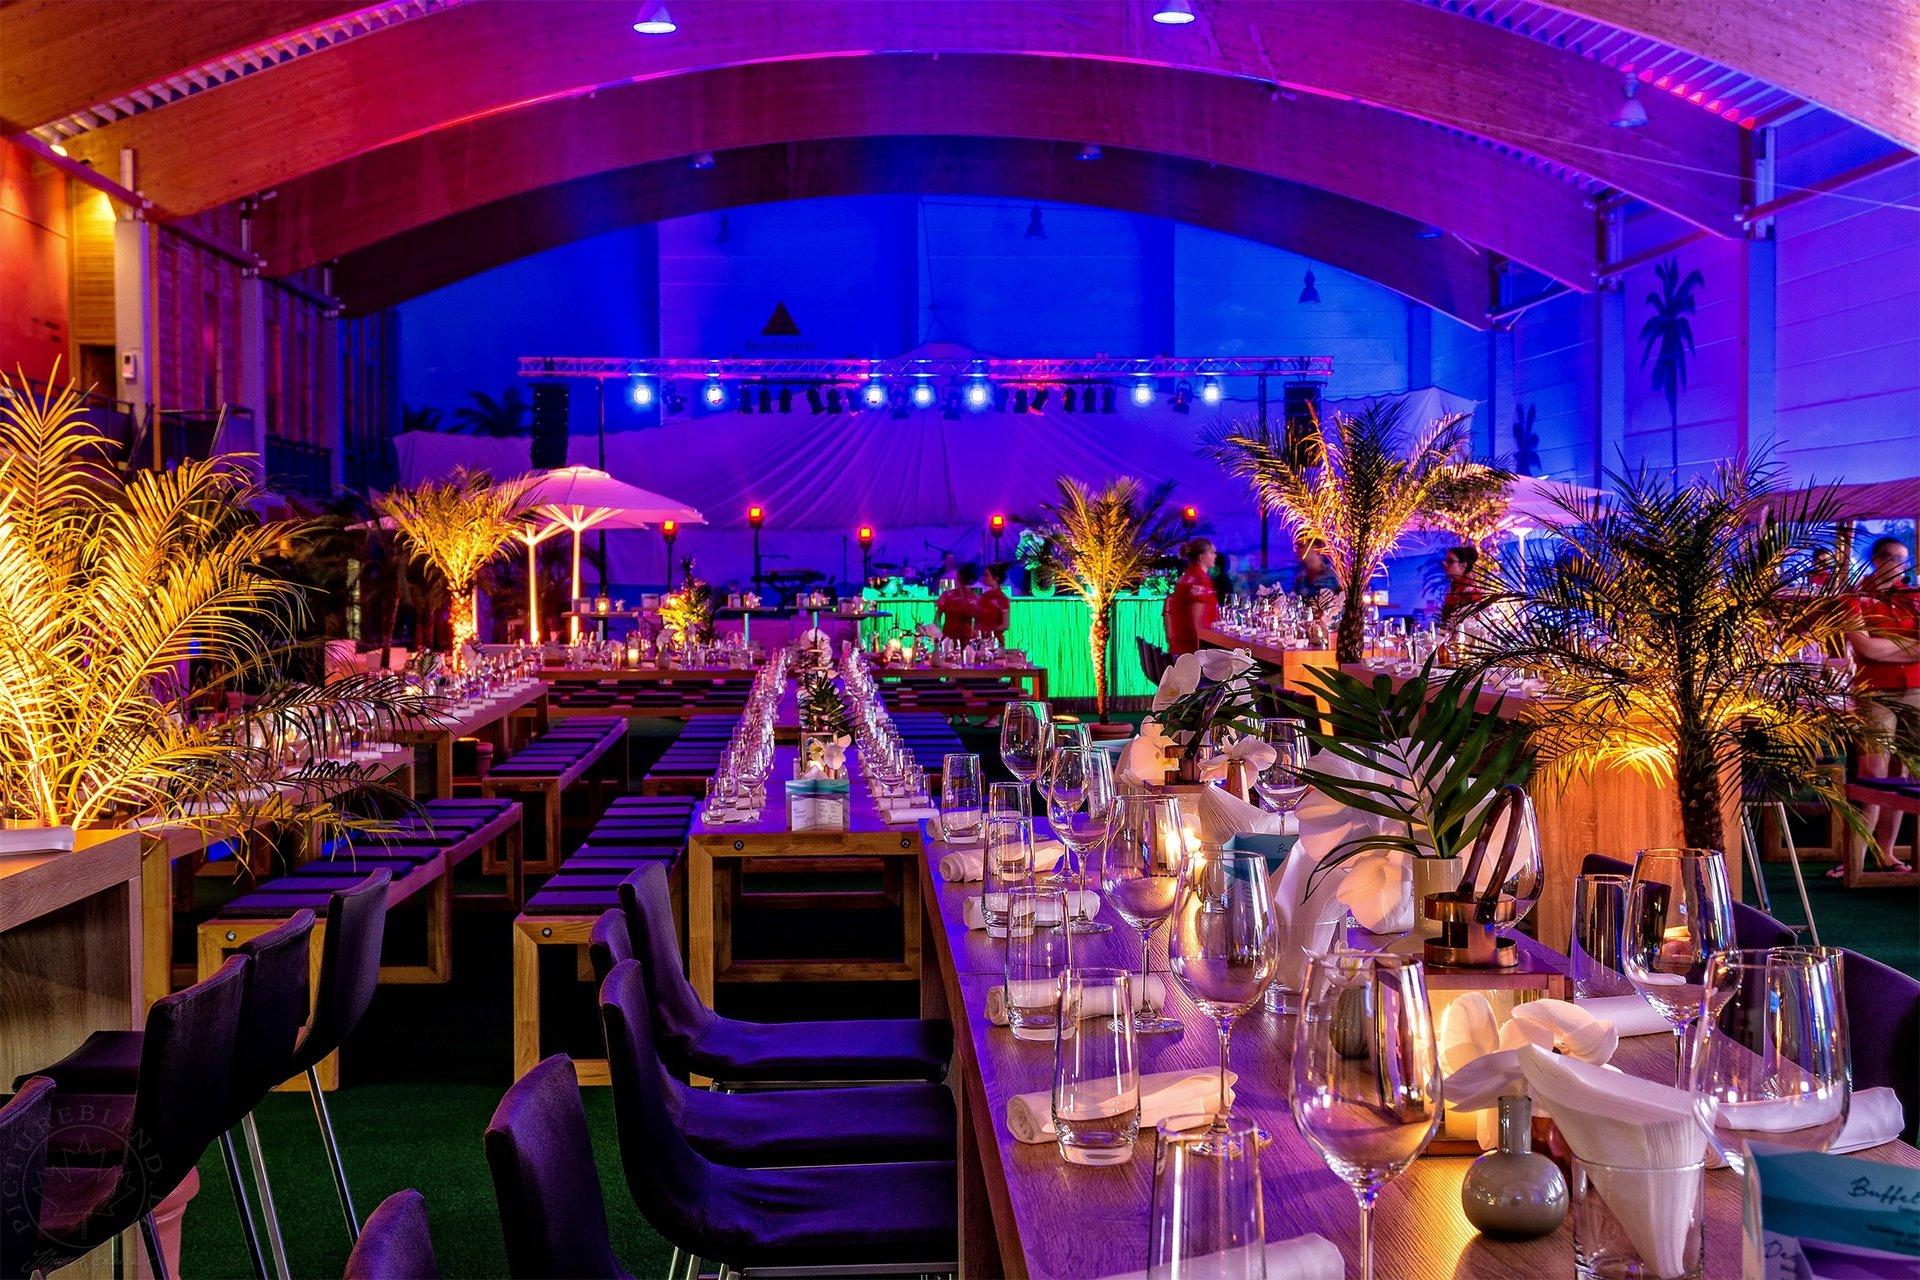 Berlin corporate event venues Partyraum Beach Berlin - Indoor BeachCenter image 0